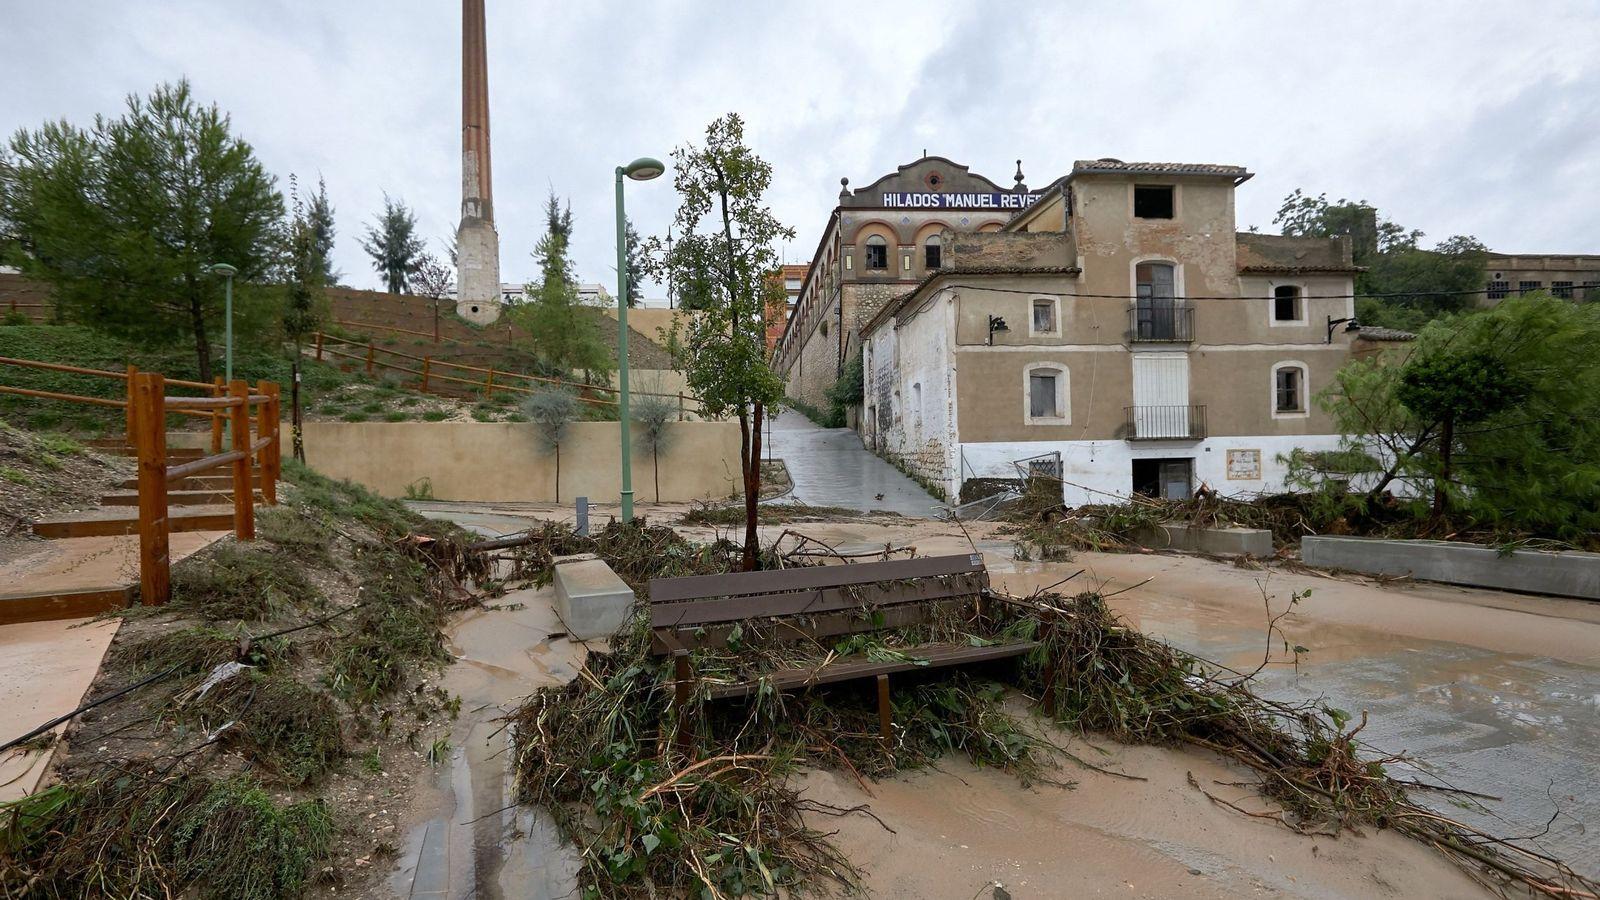 Foto: El río Clariano baja lleno tras las lluvias producidas durante jueves y viernes. (EFE)